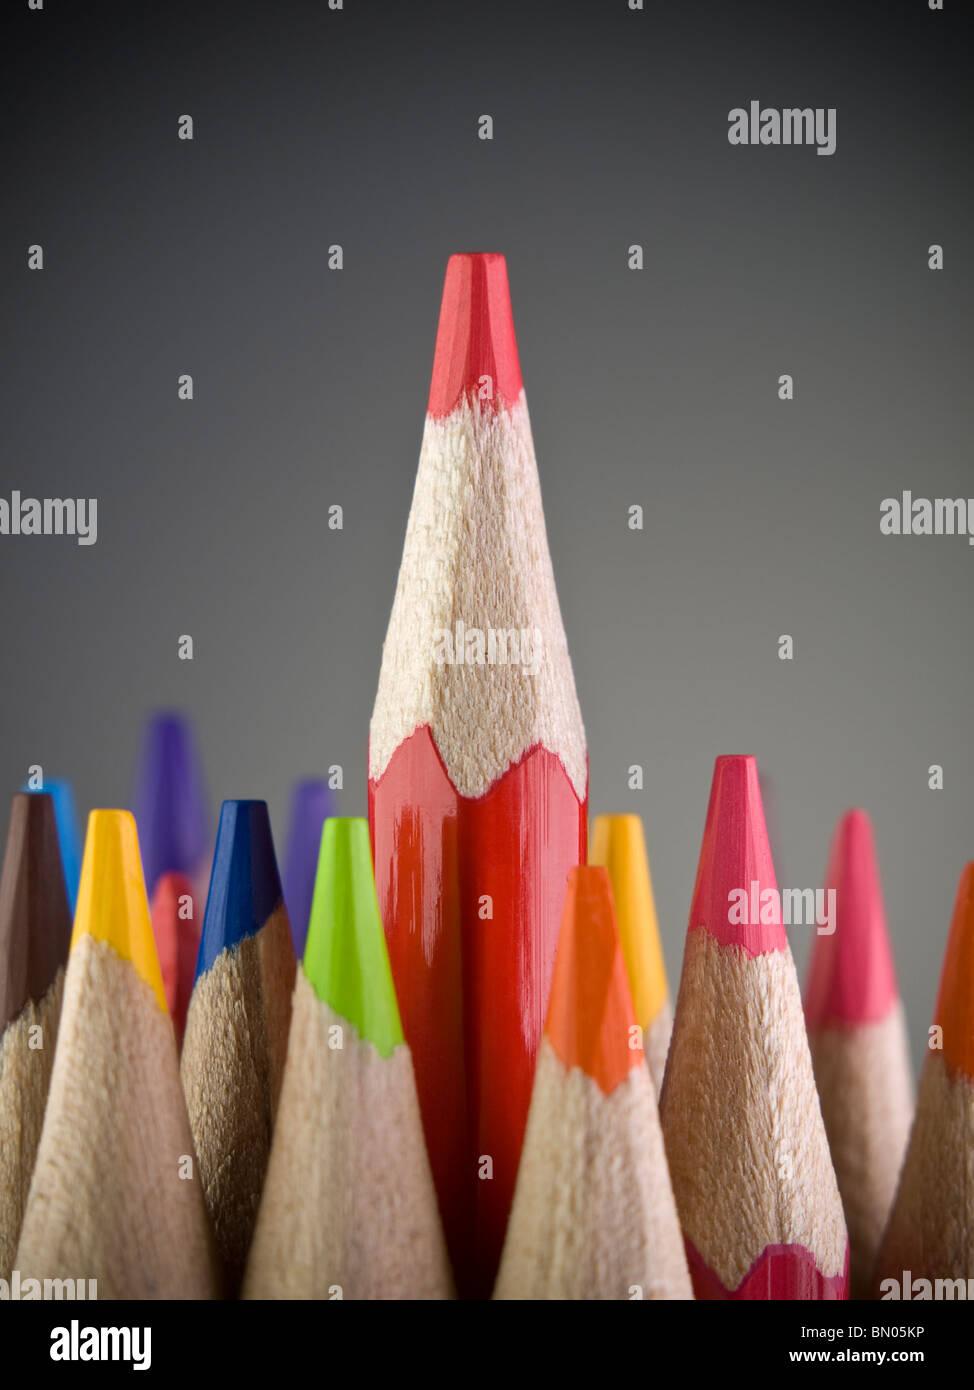 Matita rossa in uscita tra molte matite colorate. Immagini Stock